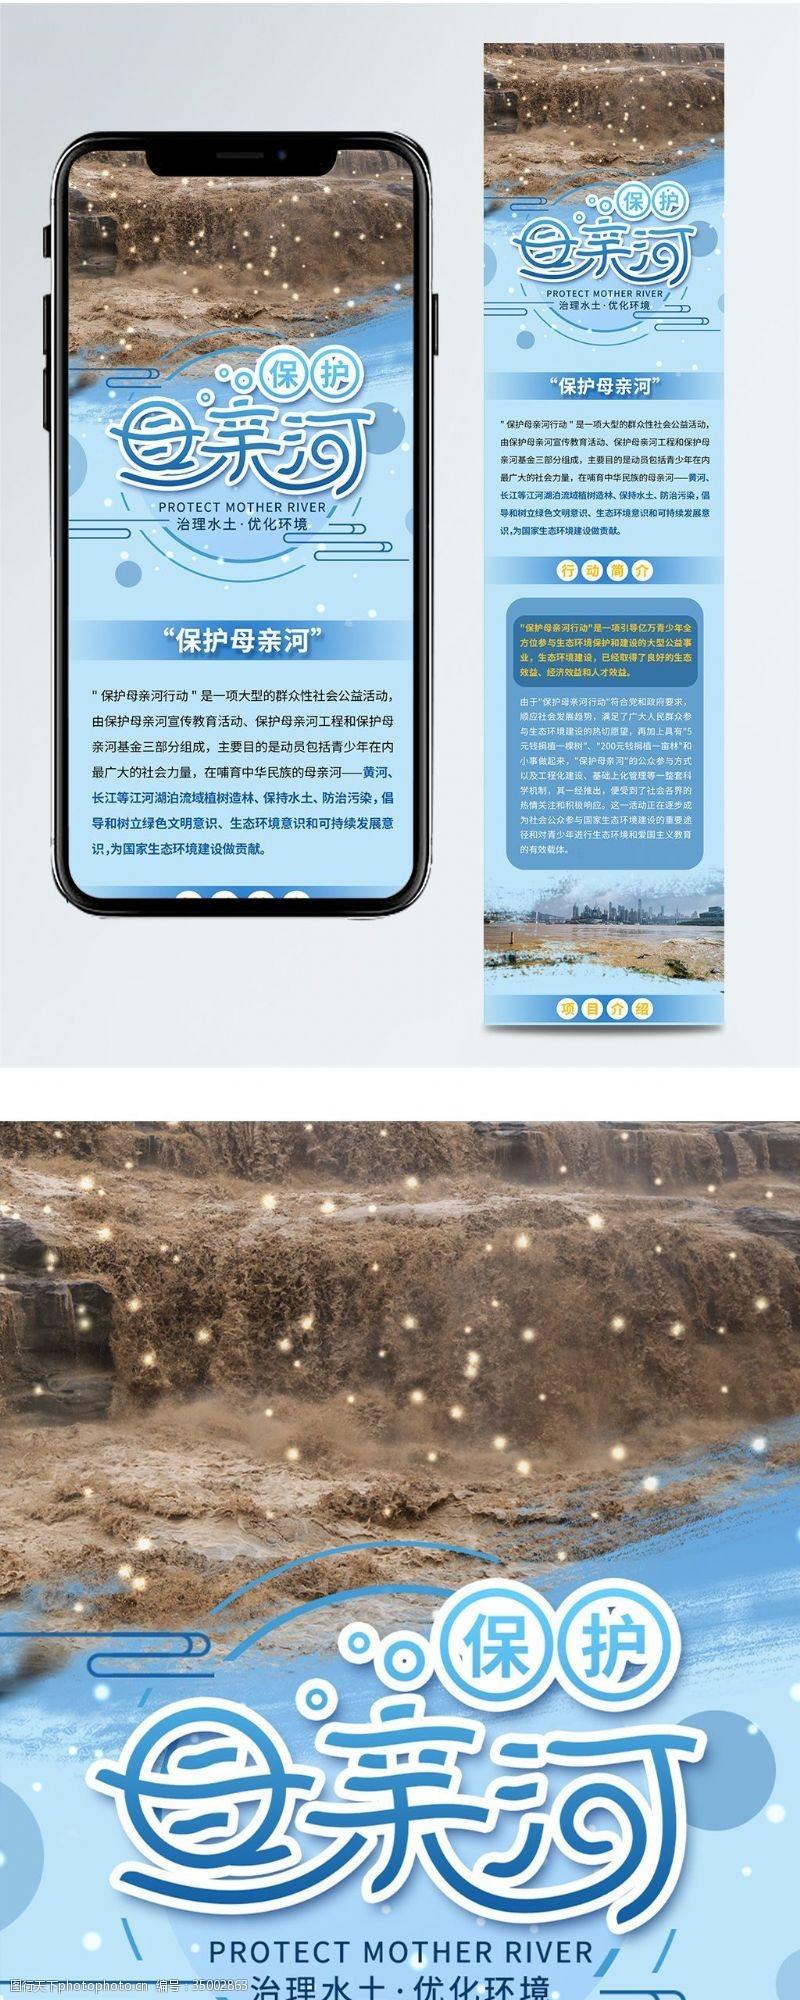 手机微信配图保护母亲河爱护黄河长江公益信息长图